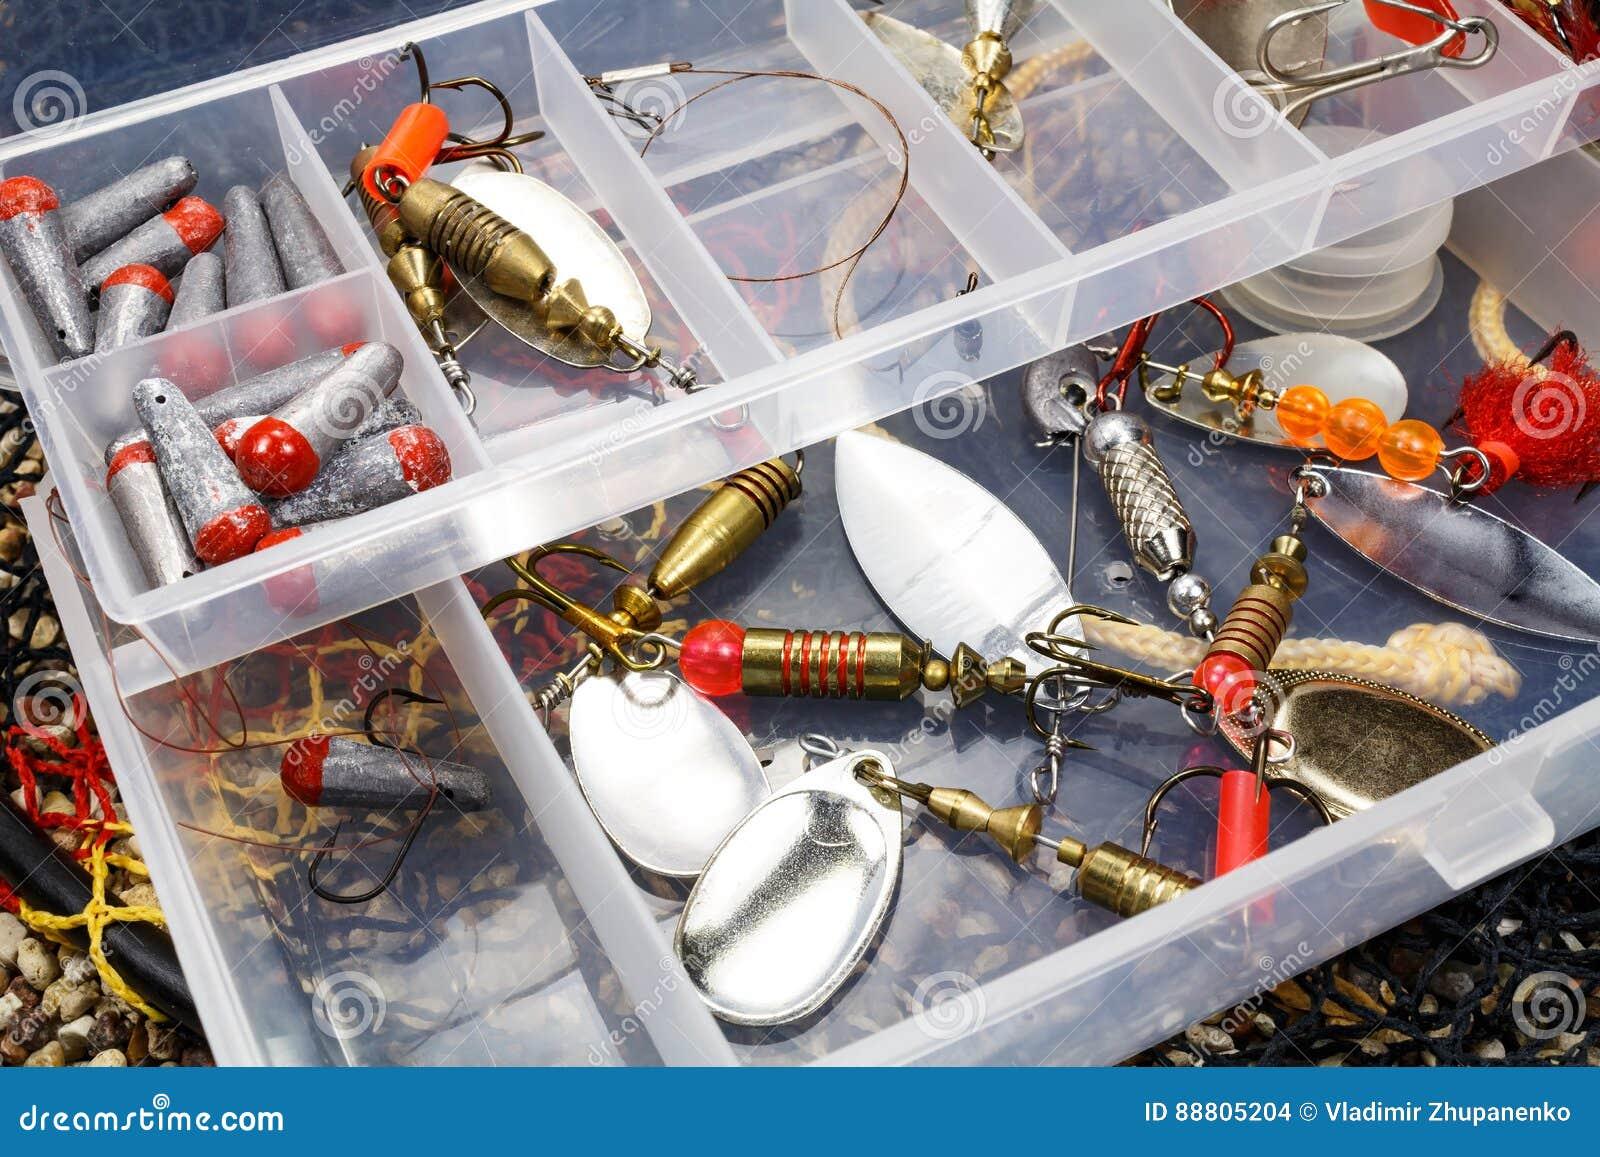 Caixa de armazenamento com iscas e acessórios de pesca